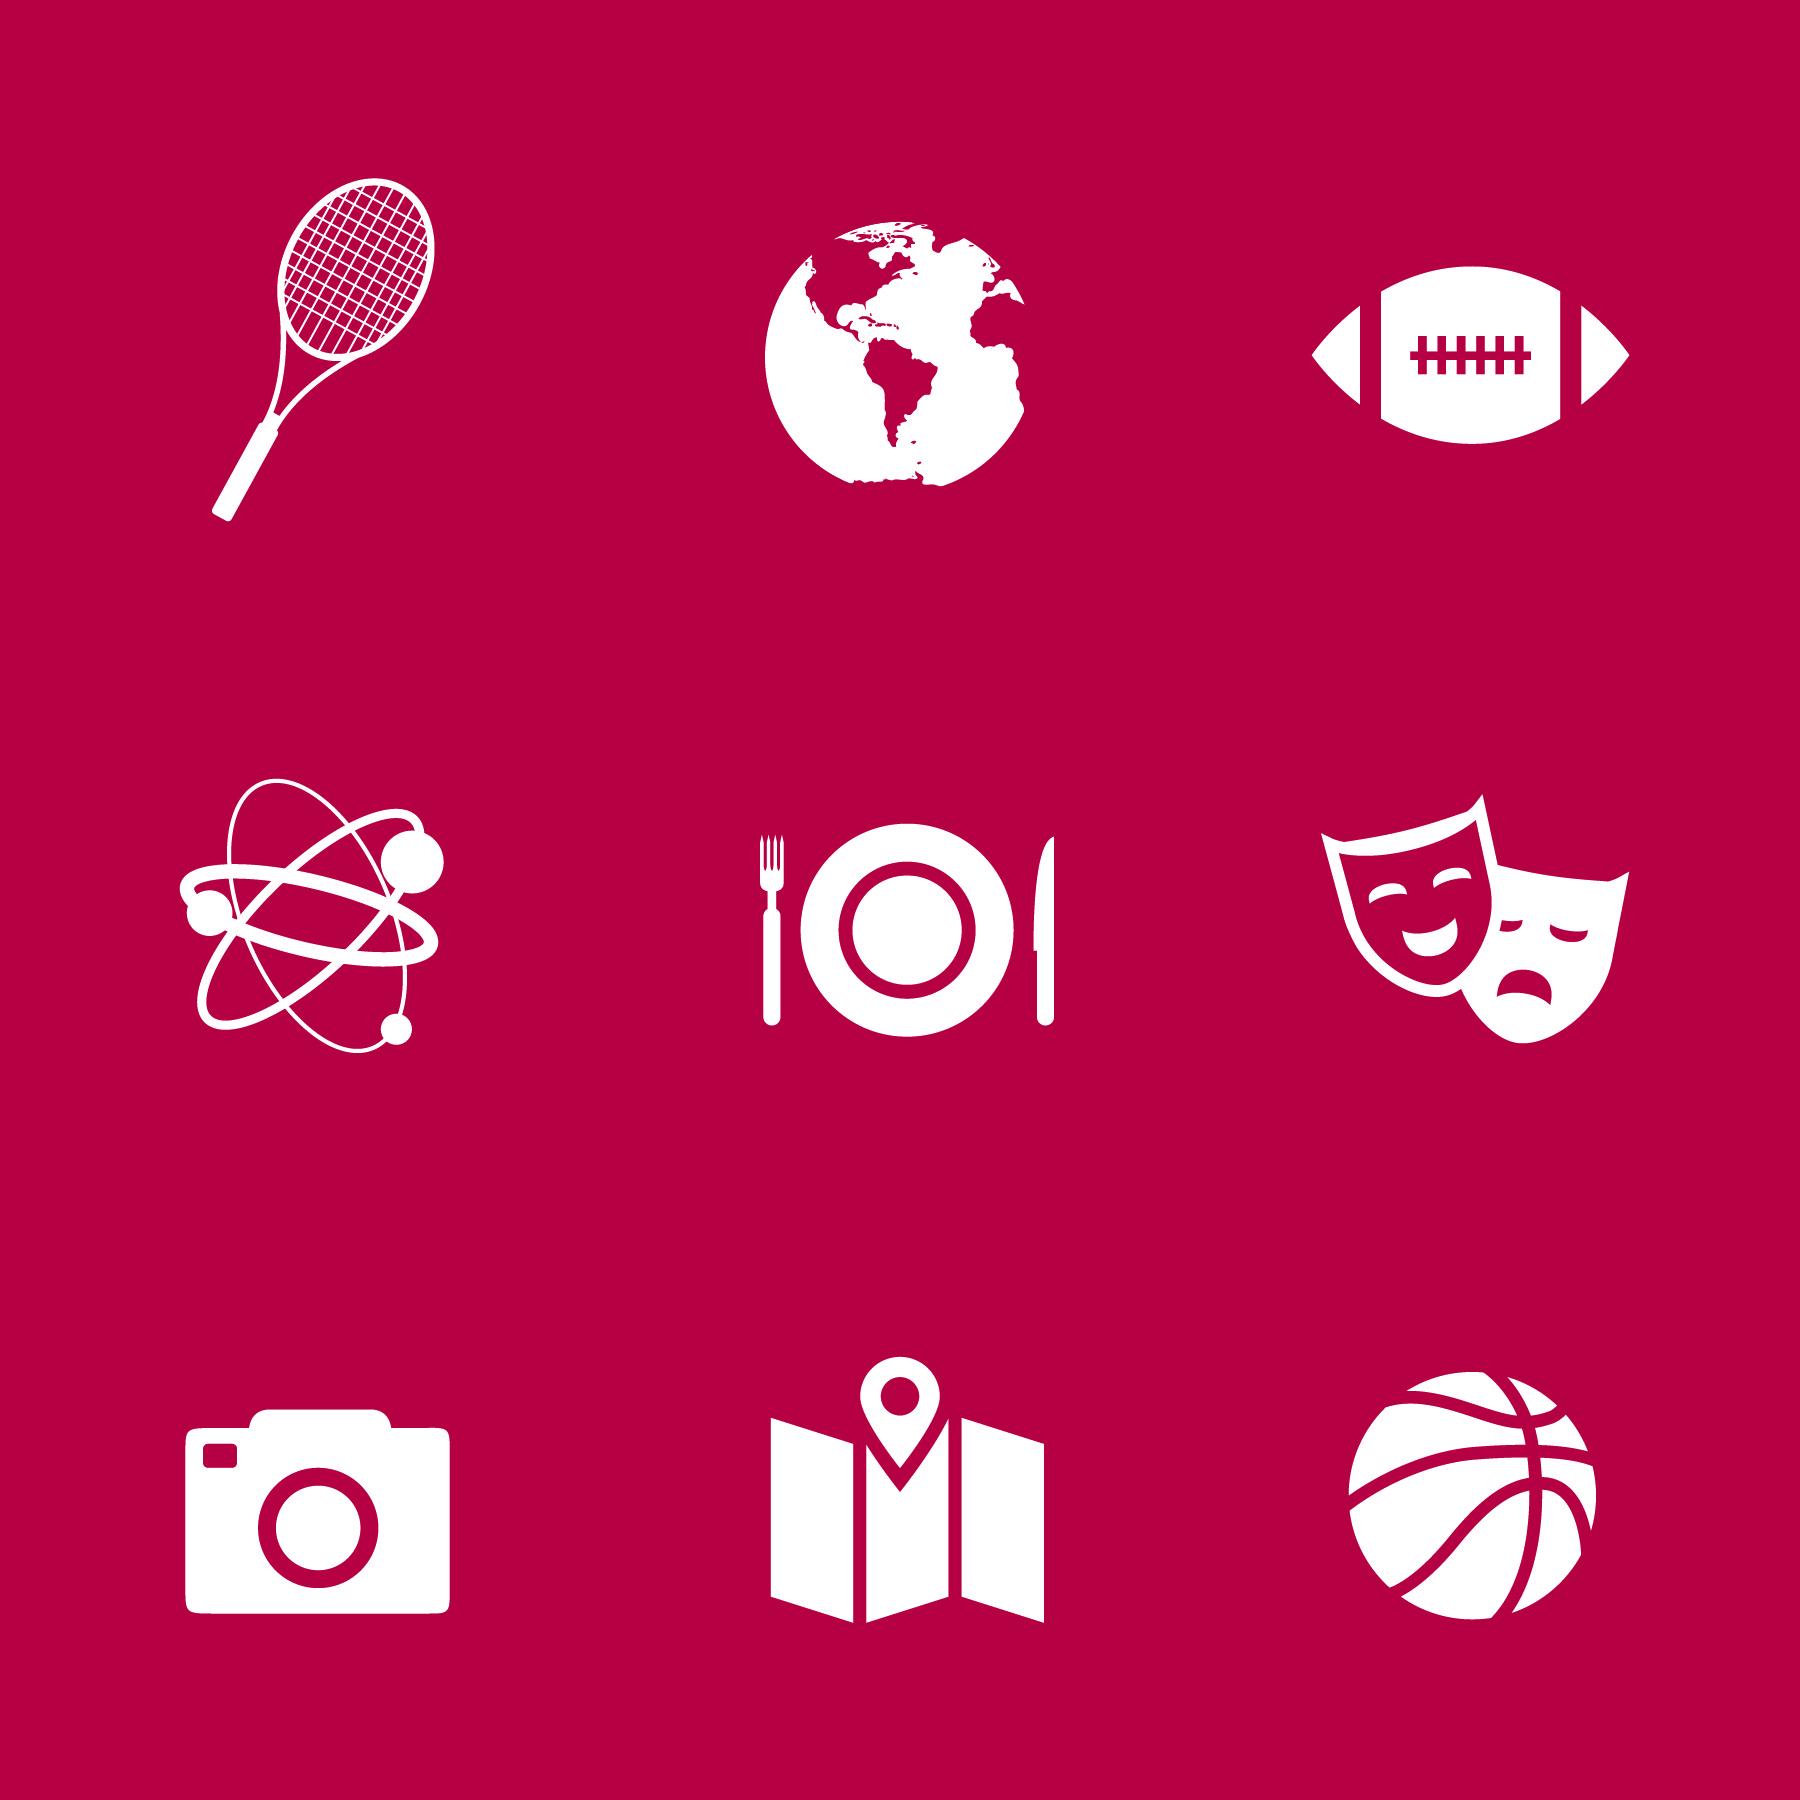 Illustrations_website-10.jpg